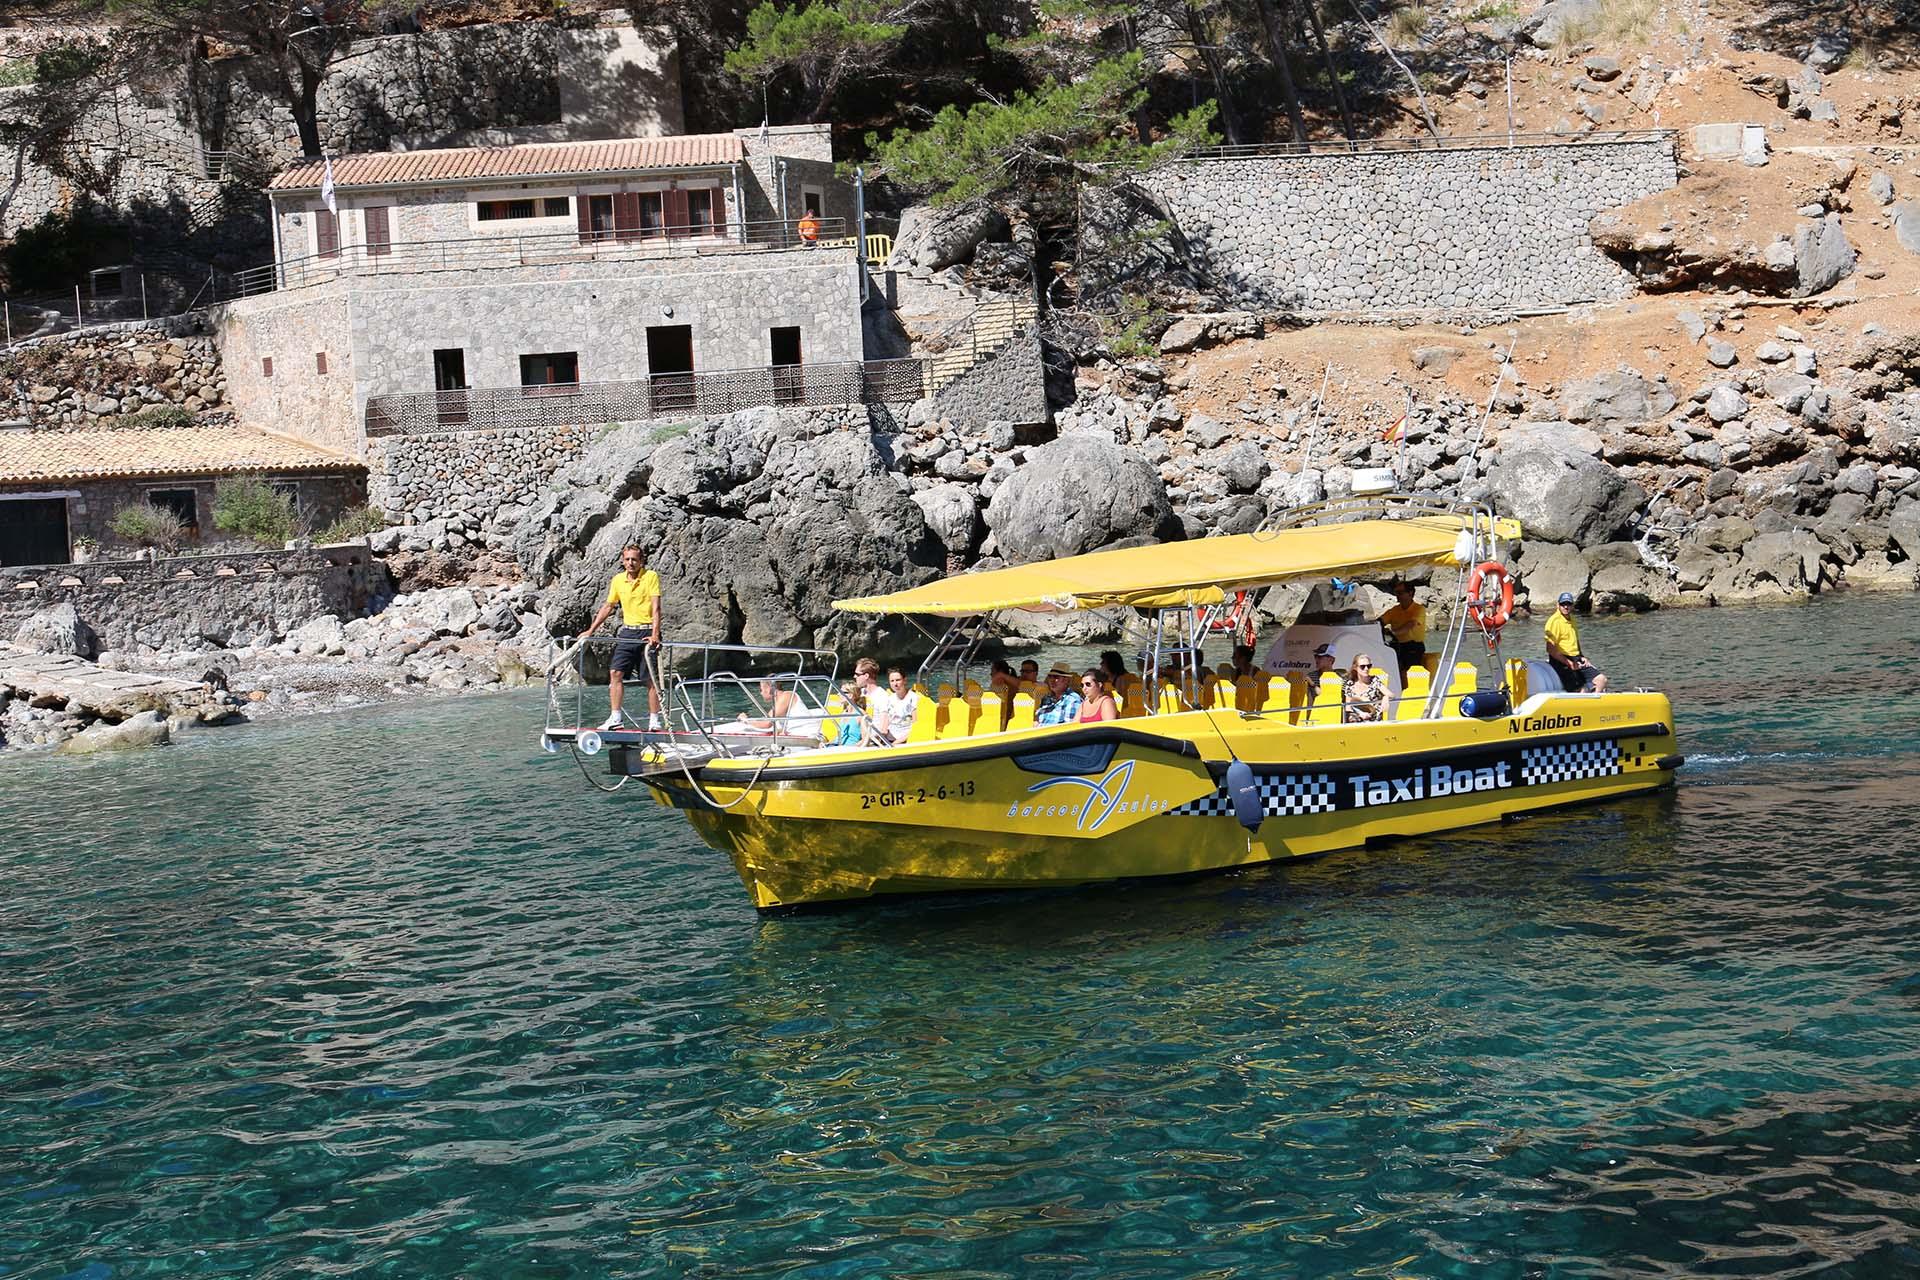 Taxi Boat Sa Calobra